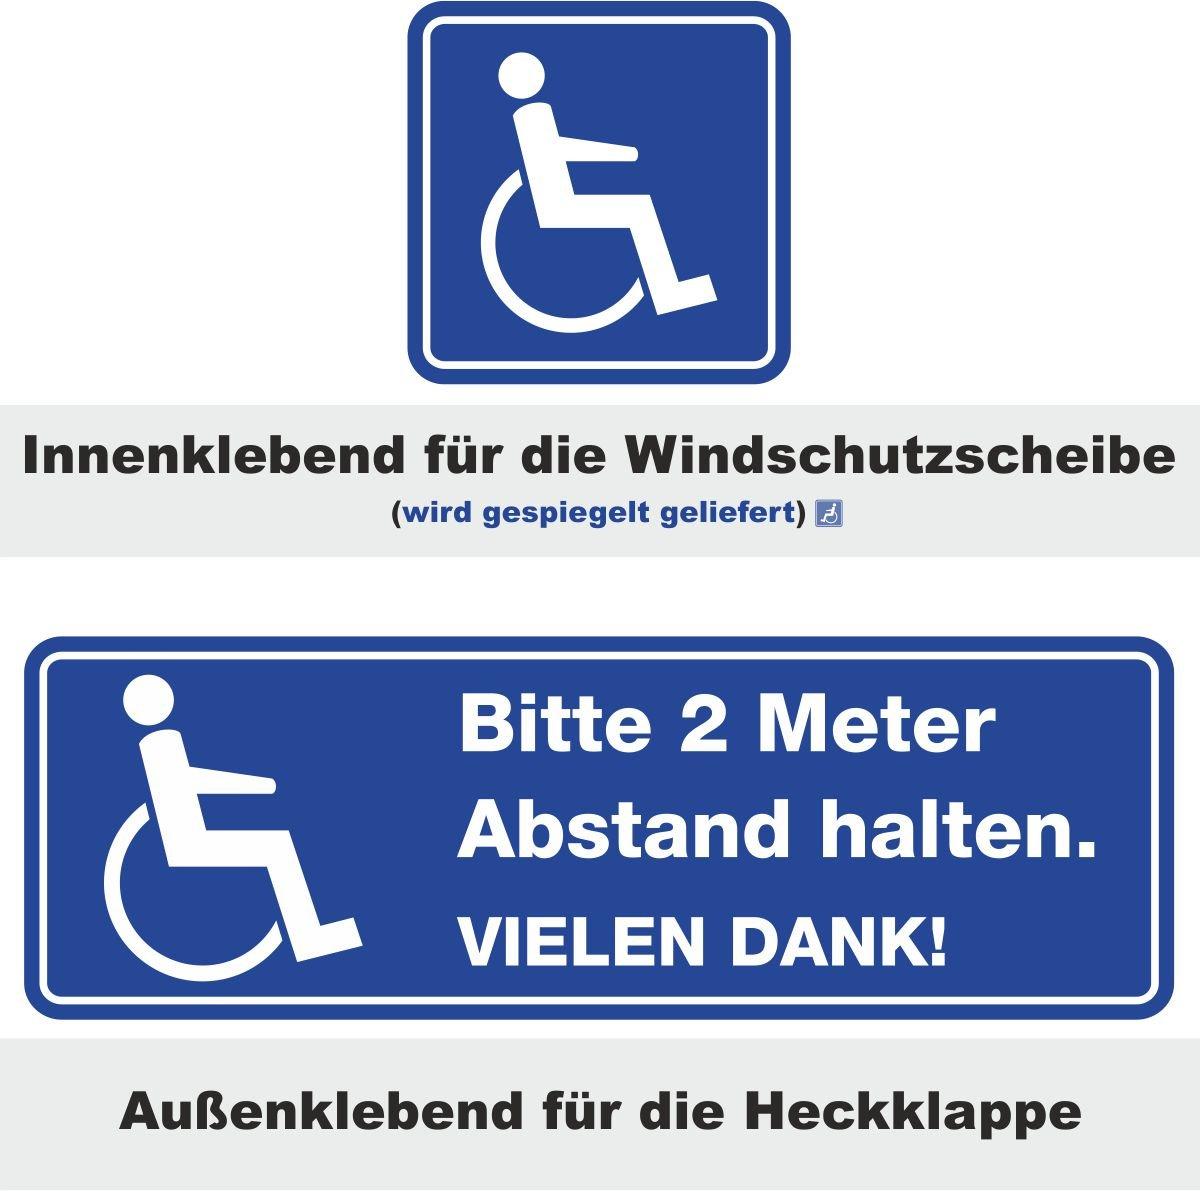 iSecur Auto-Aufkleber-Set Bitte 2 Meter Abstand halten. Vielen Dank! + Rollstuhl-Aufkleber I hin_243 I fü r Rollstuhl-Fahrer, Menschen mit Behinderung easydruck24de